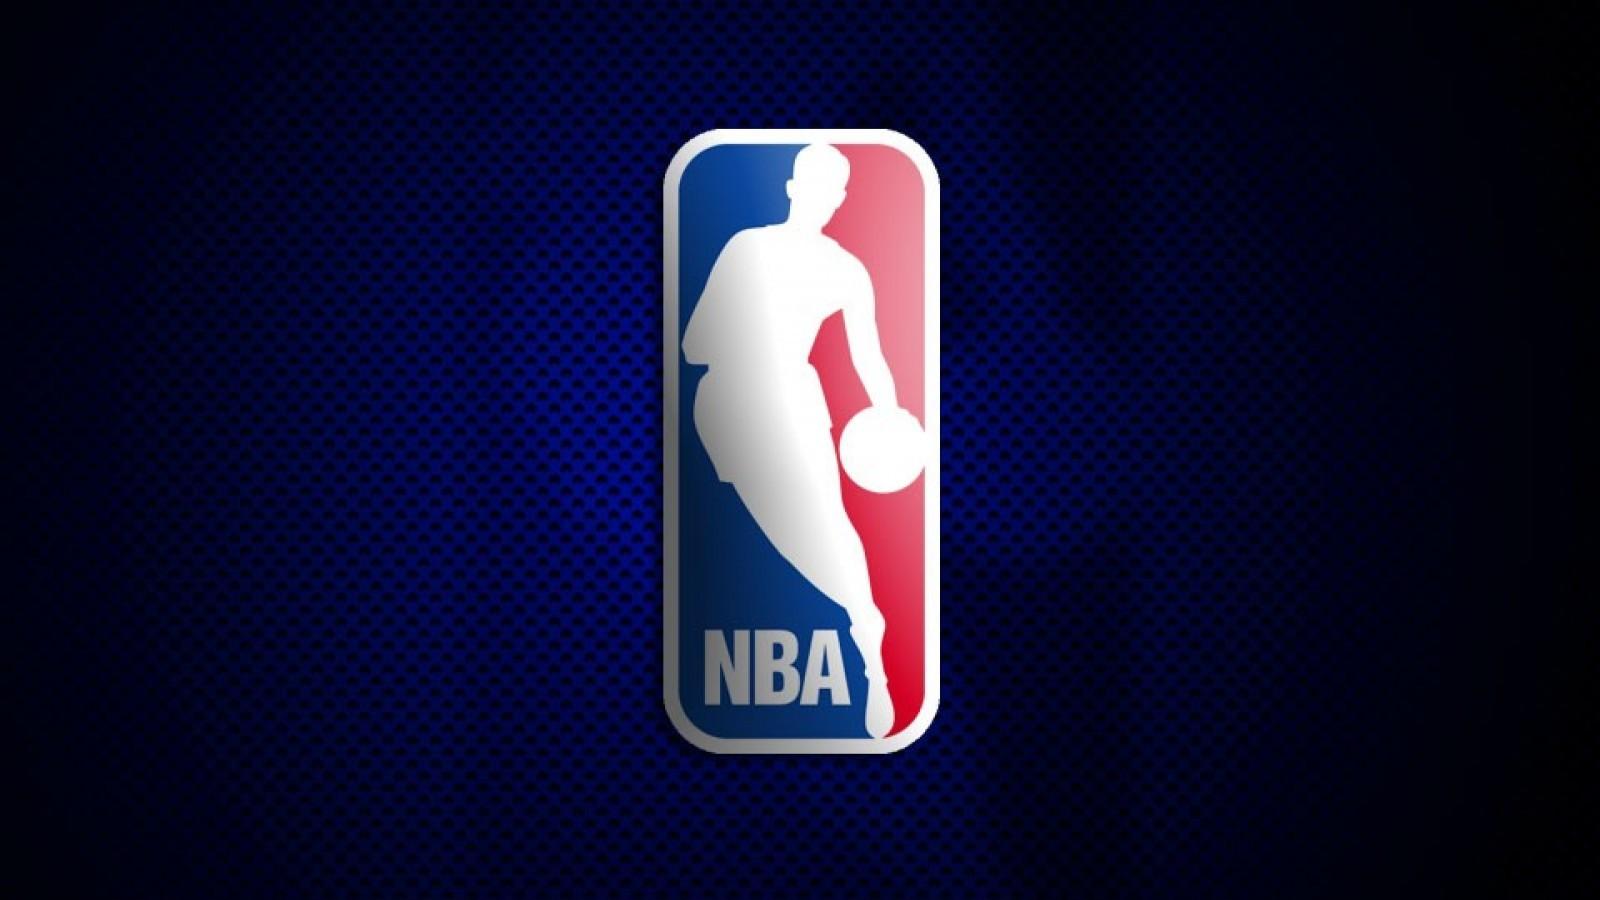 Найкращі моменти матчів НБА 5 листопада